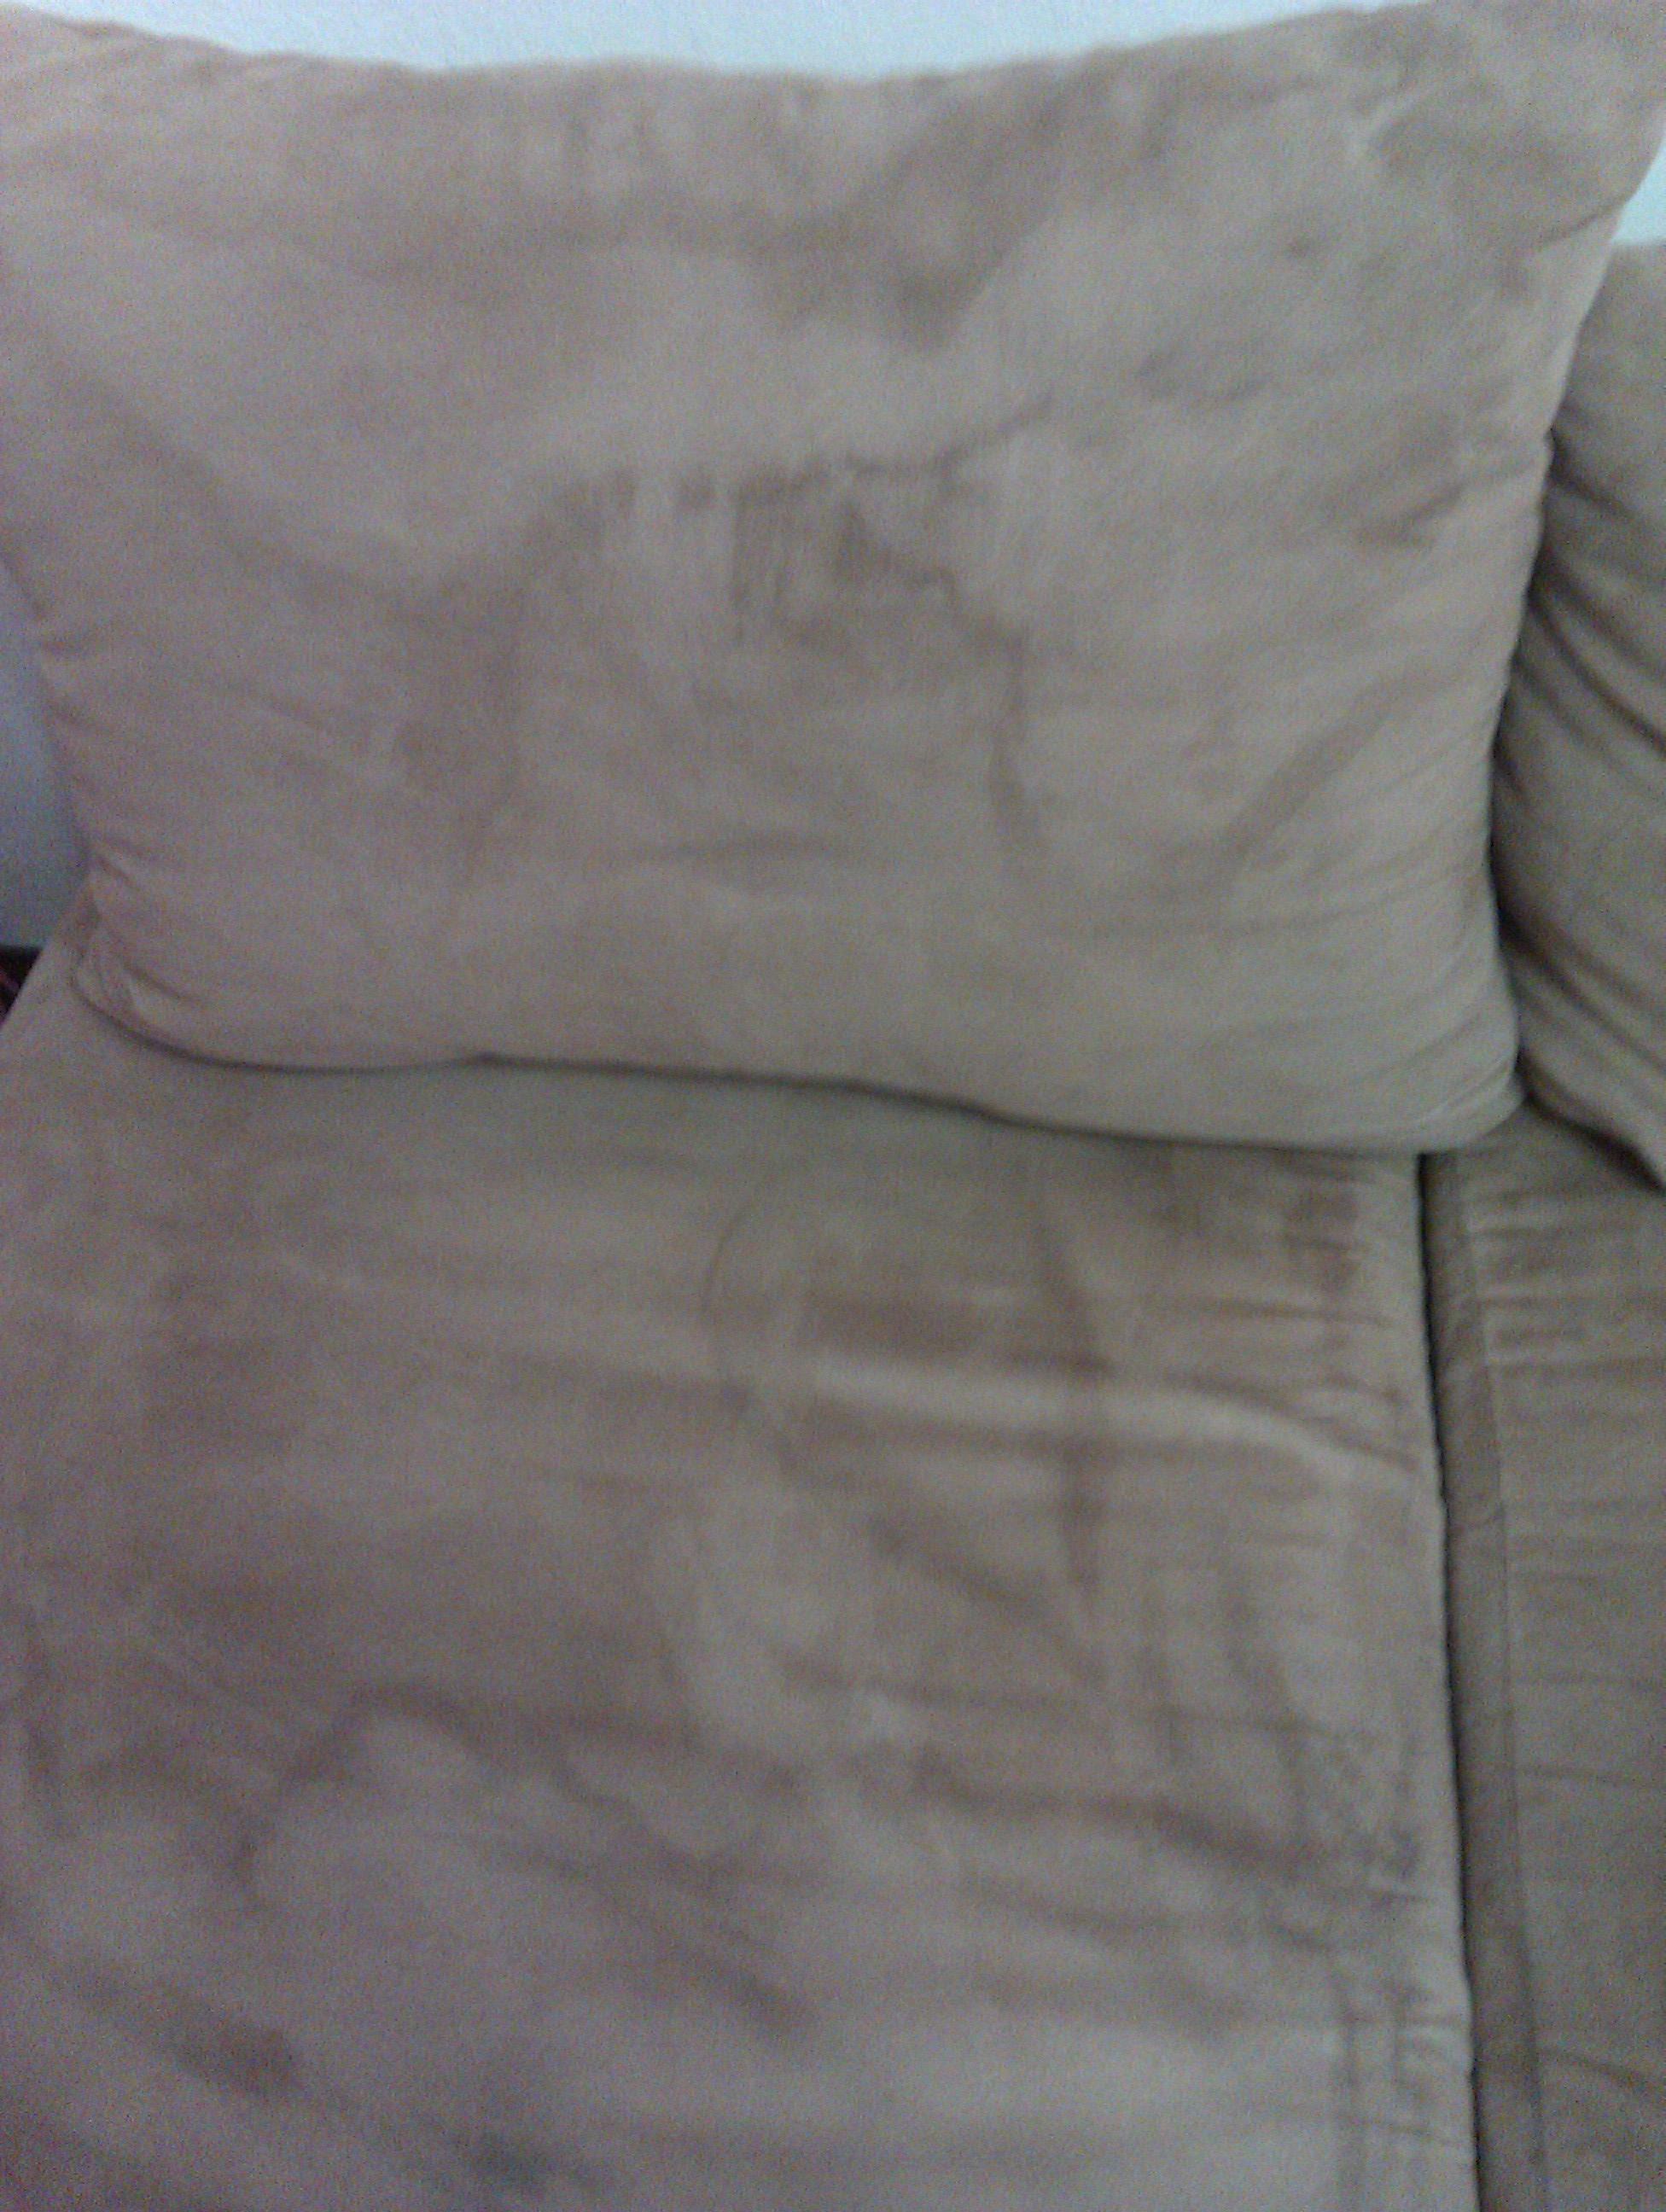 wie bekomme ich schnell wasserflecken aus meiner. Black Bedroom Furniture Sets. Home Design Ideas